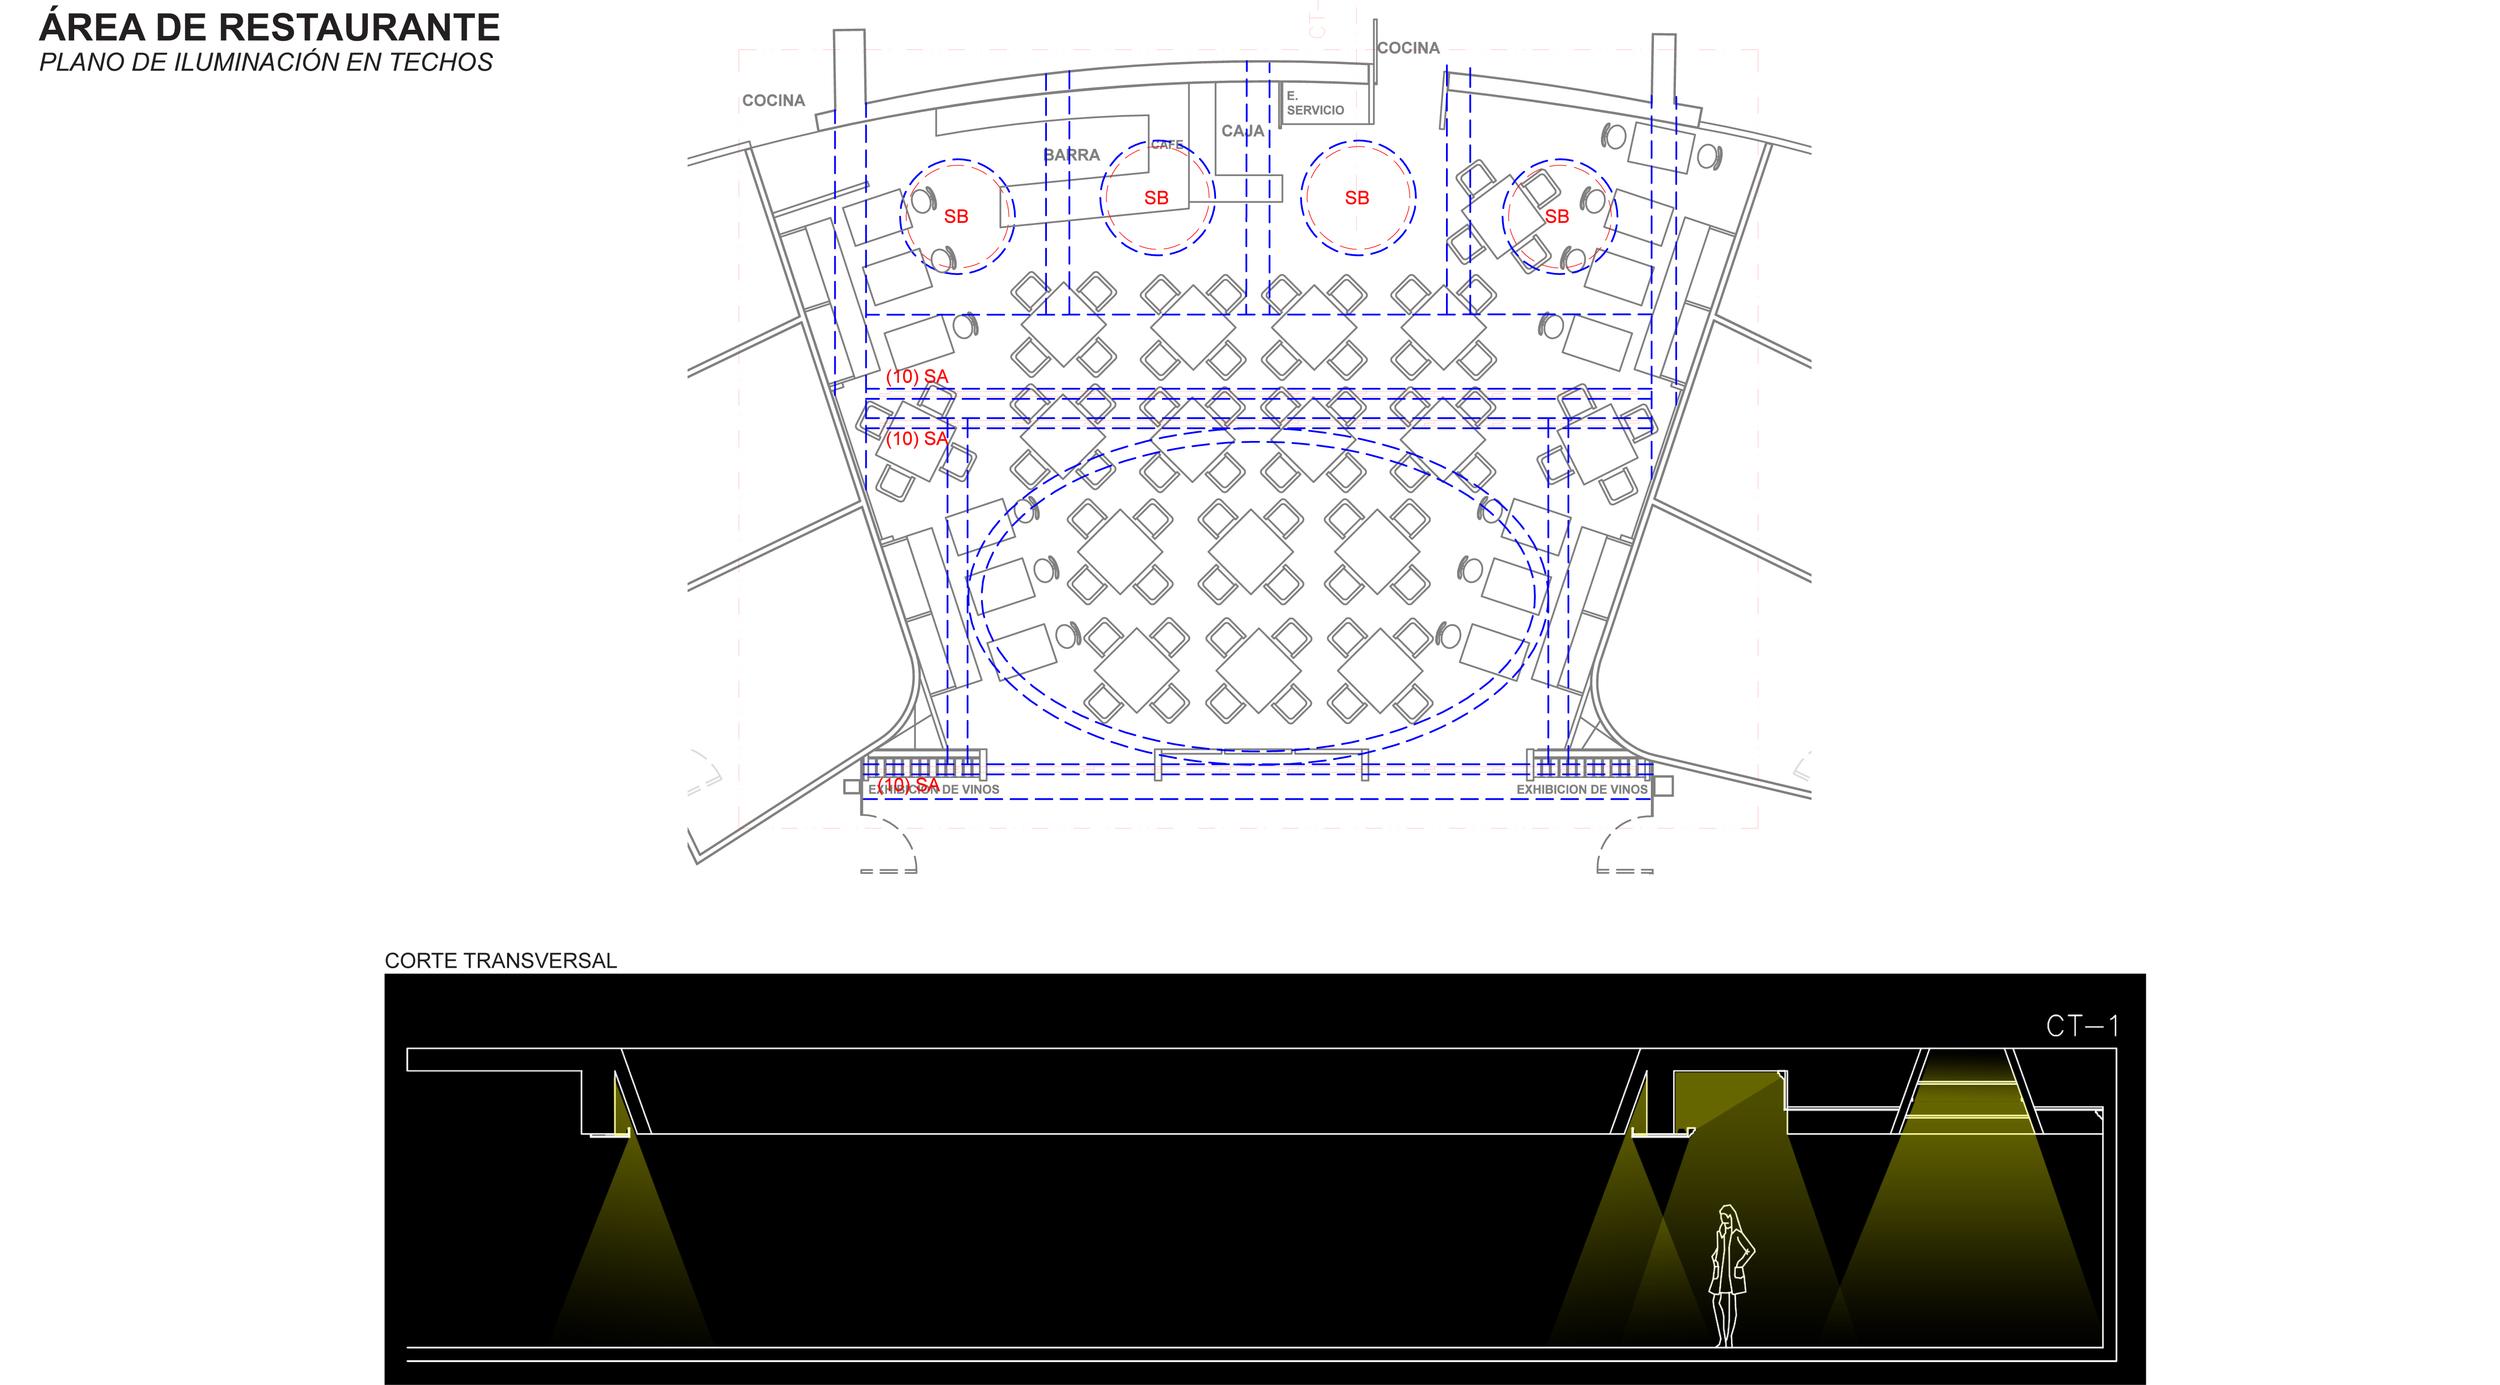 Fase esquemática_Iluminación 1.jpg